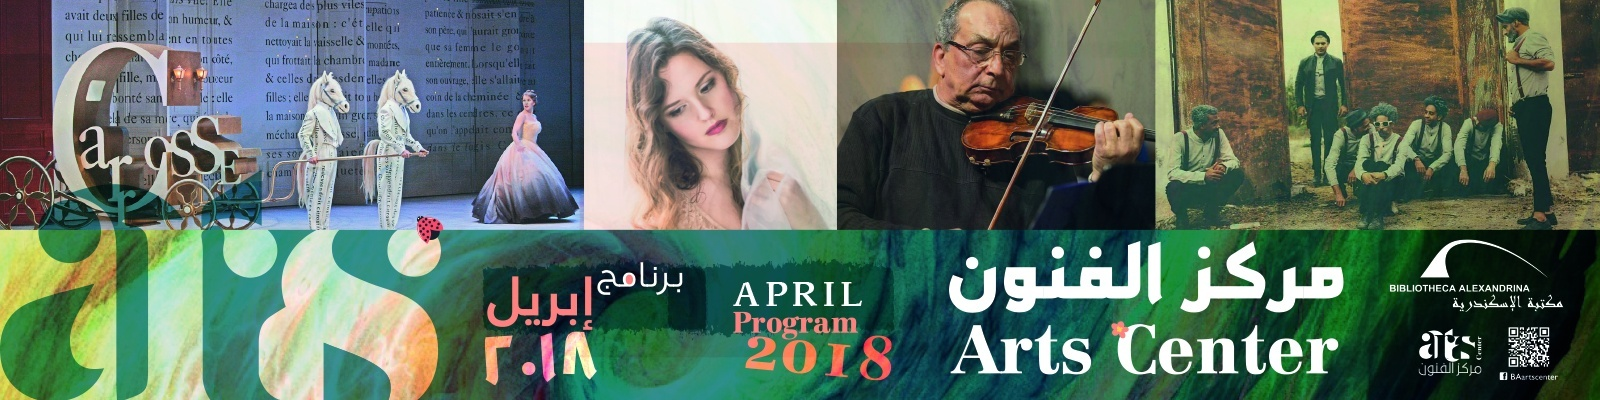 برنامج مركز الفنون لشهر مايو ويونية 2018